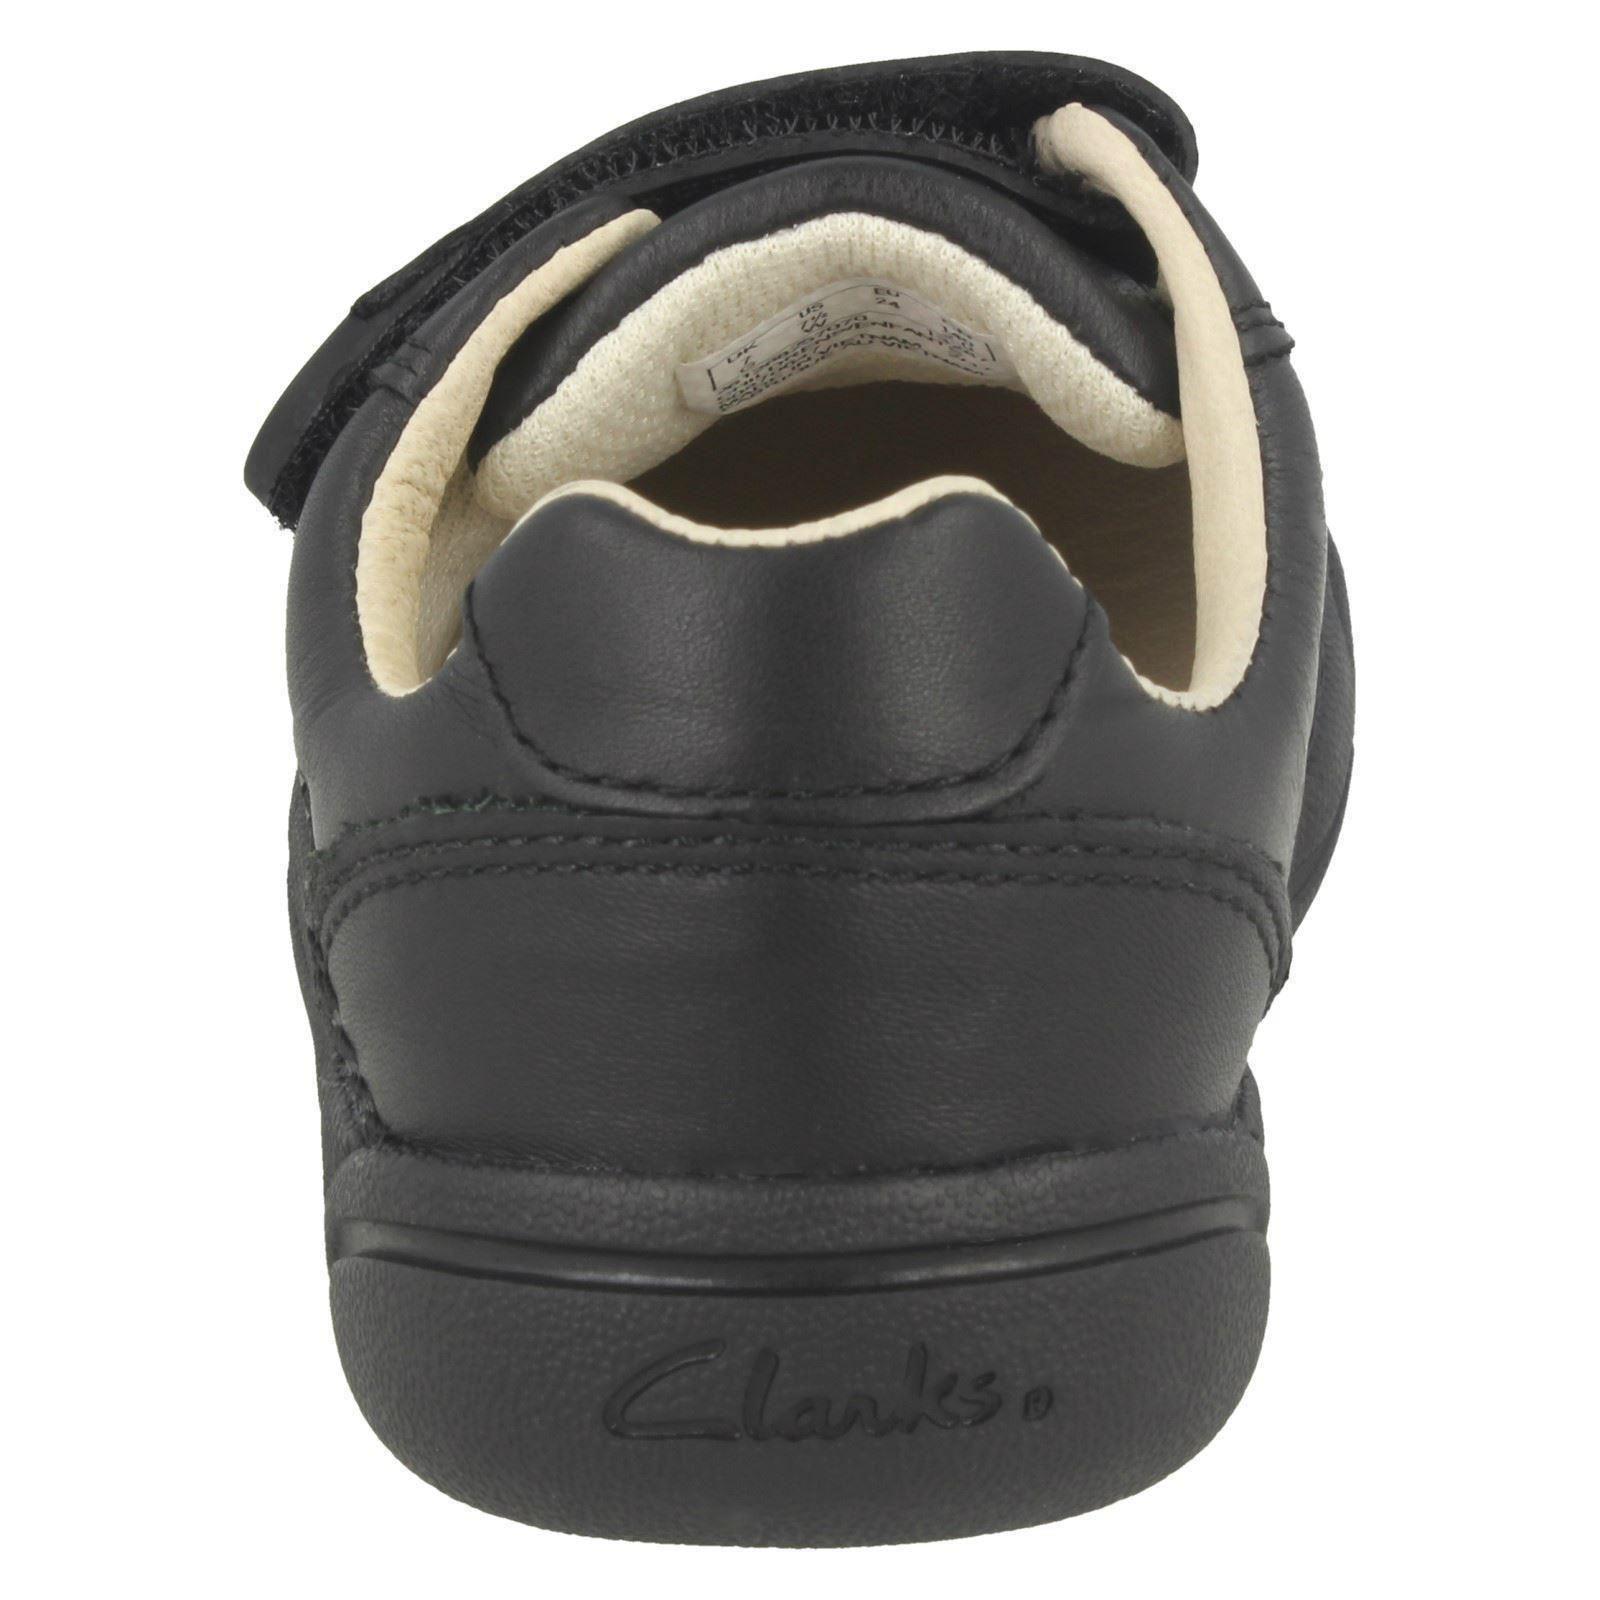 Chicos Clarks Cuero Doble Hook & Loop Riptape Escuela Zapatos-lilfolk Zoo